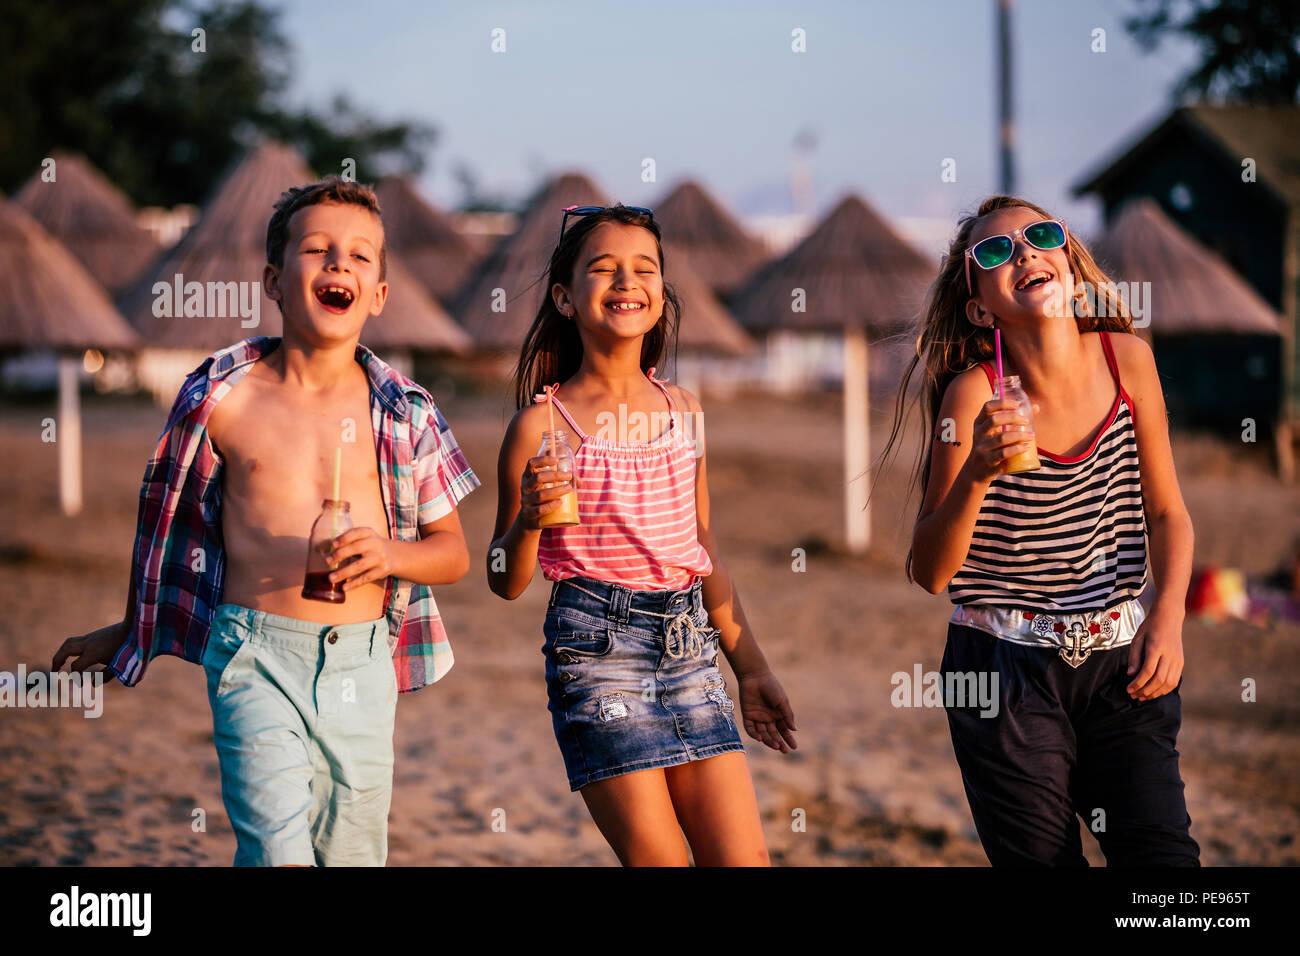 Los niños felices divirtiéndose mientras caminaba por una playa de arena. Concepto de verano y viajes Imagen De Stock